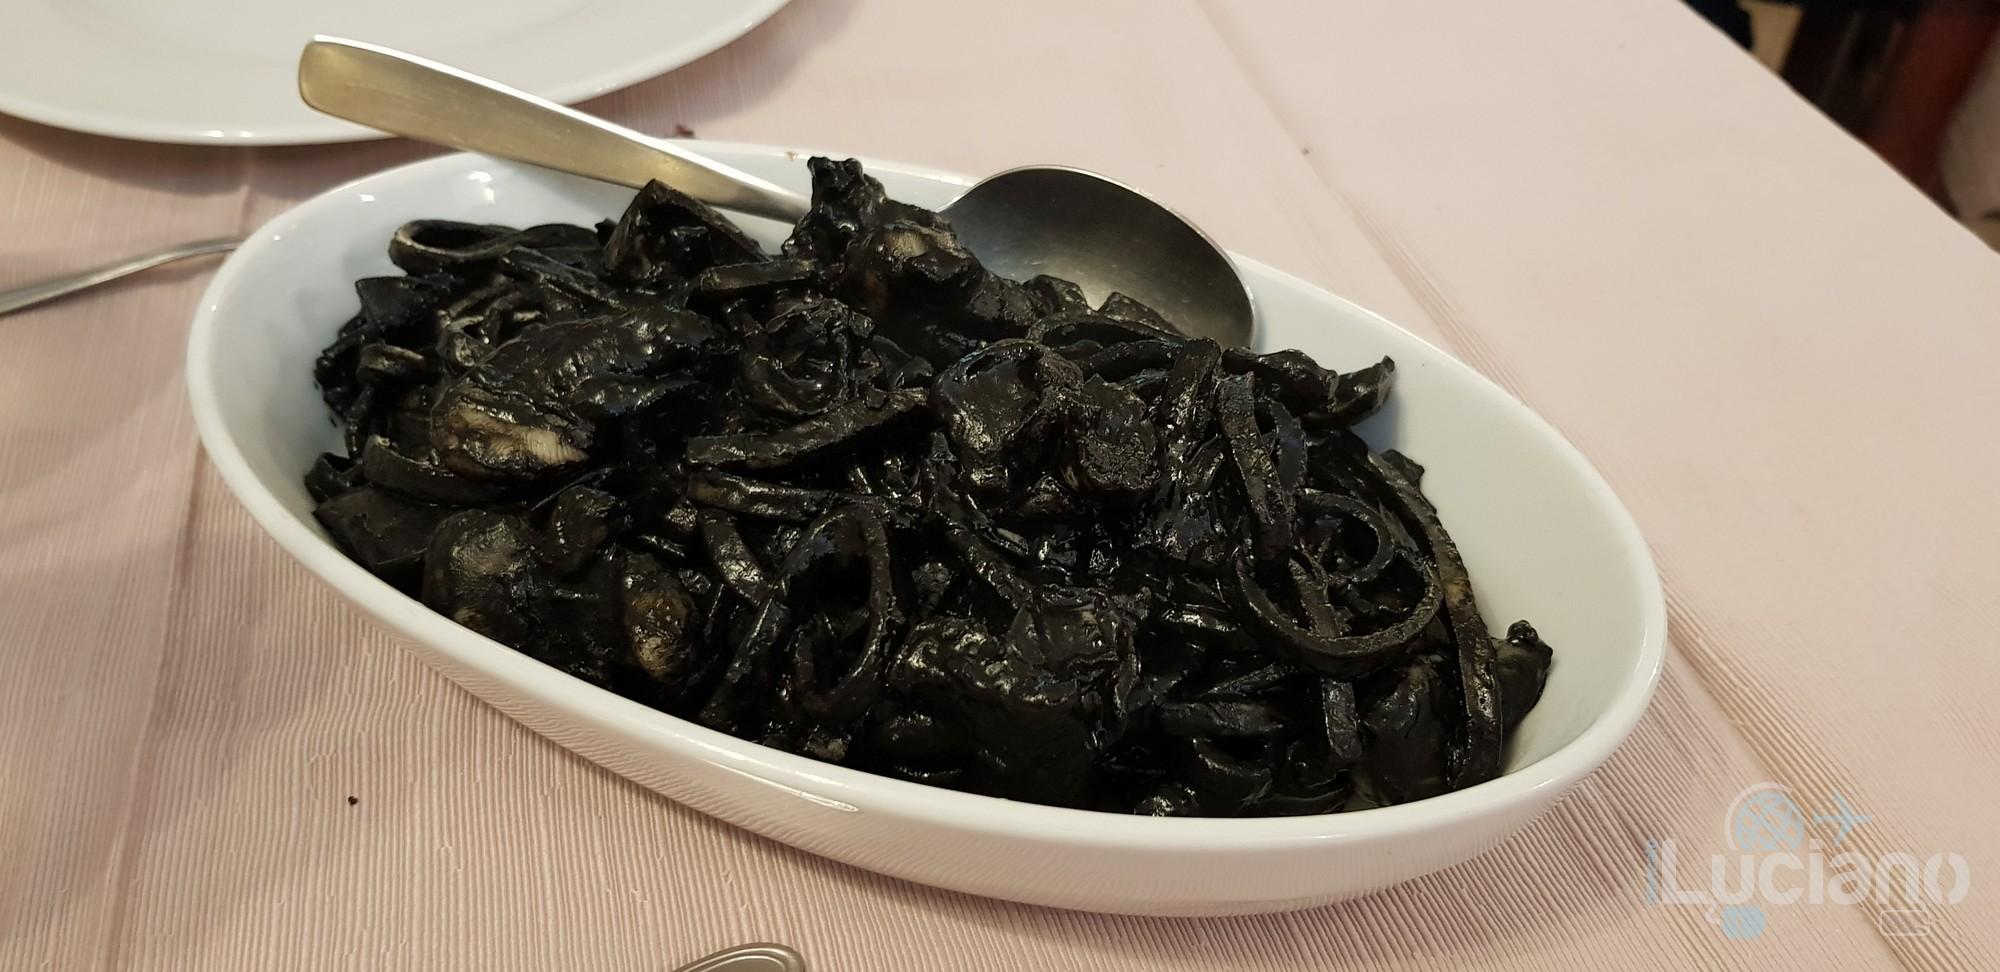 Trattoria Catania Ruffiana - Pasta al nero di seppie